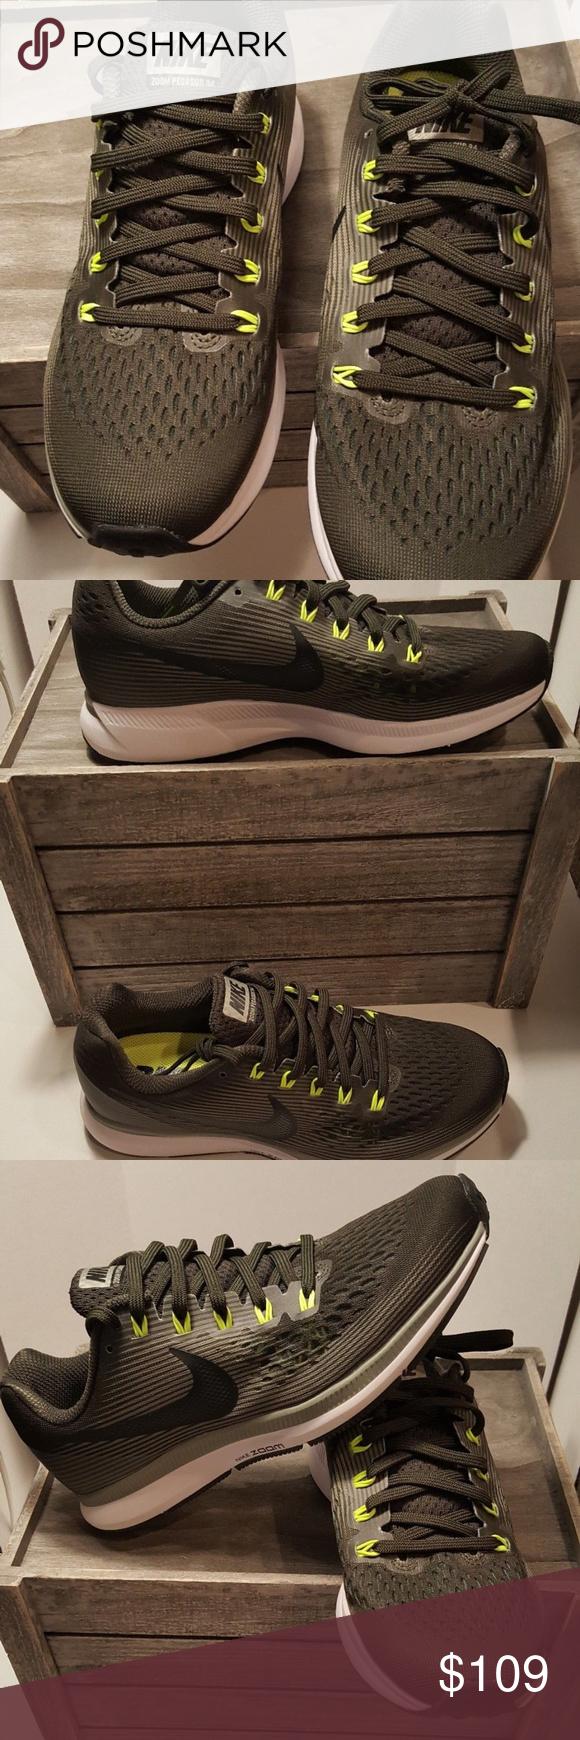   880555 302 Nike Air Zoom Pegasus 34 Herren